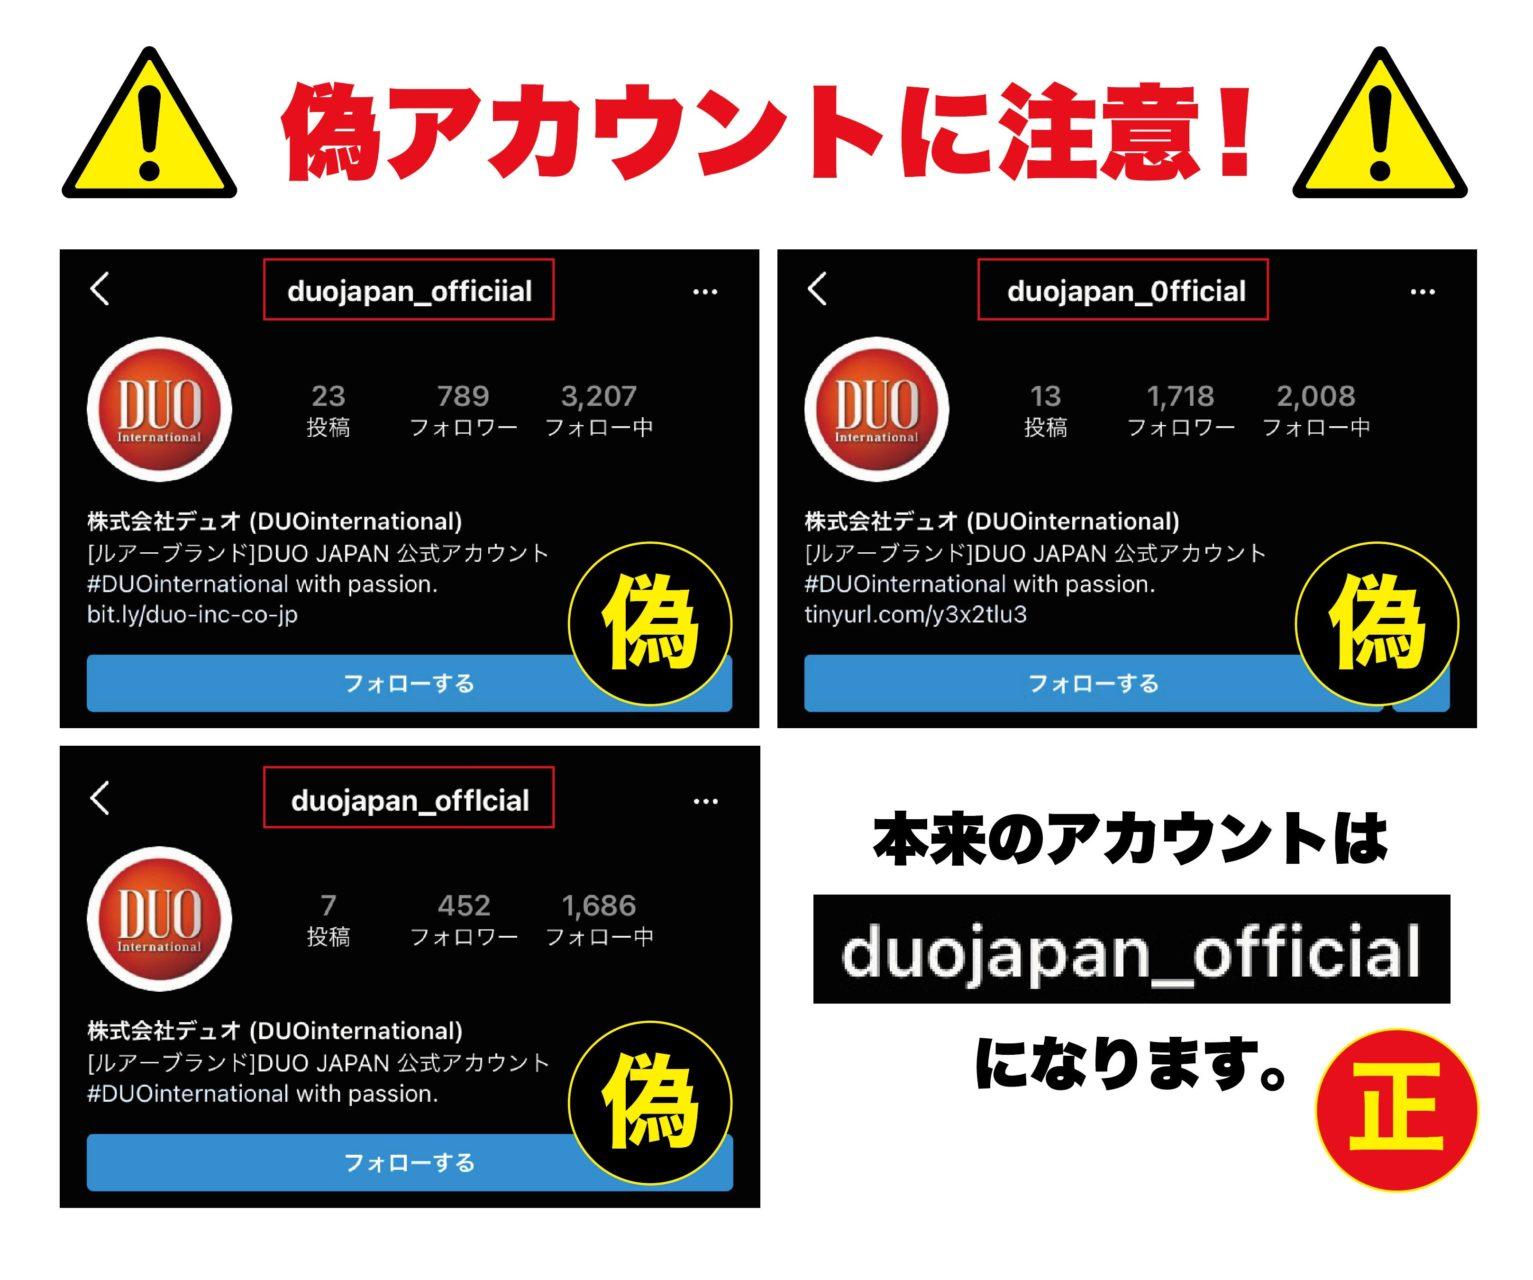 《注意喚起》DUO公式Instagram偽アカウントにご注意ください